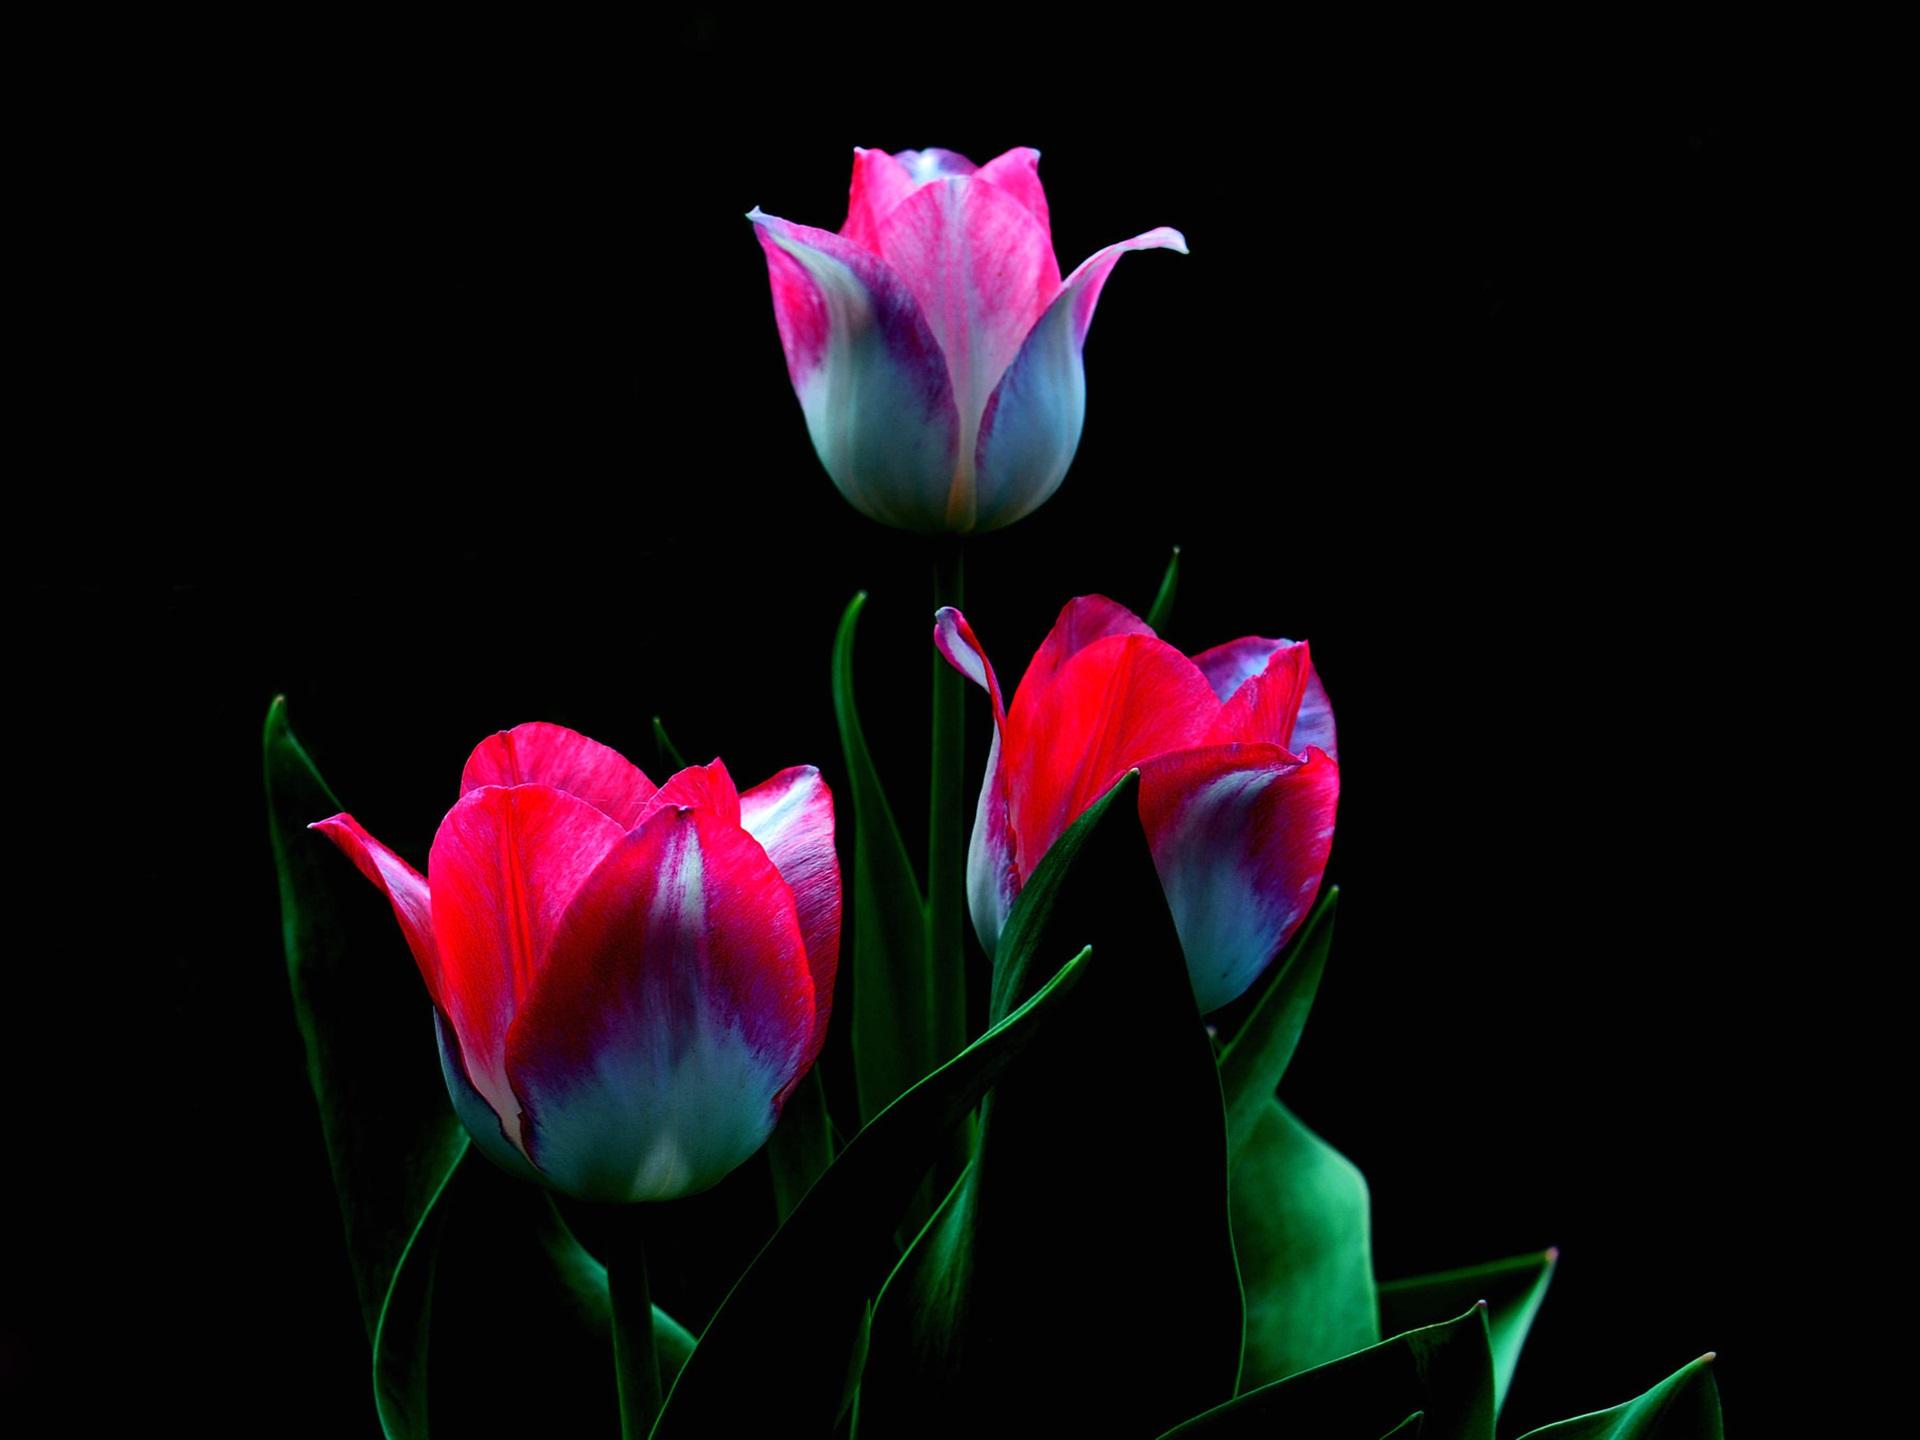 Drei rosa Tulpen Blumen, Stängel, Blätter, schwarzer Hintergrund ...